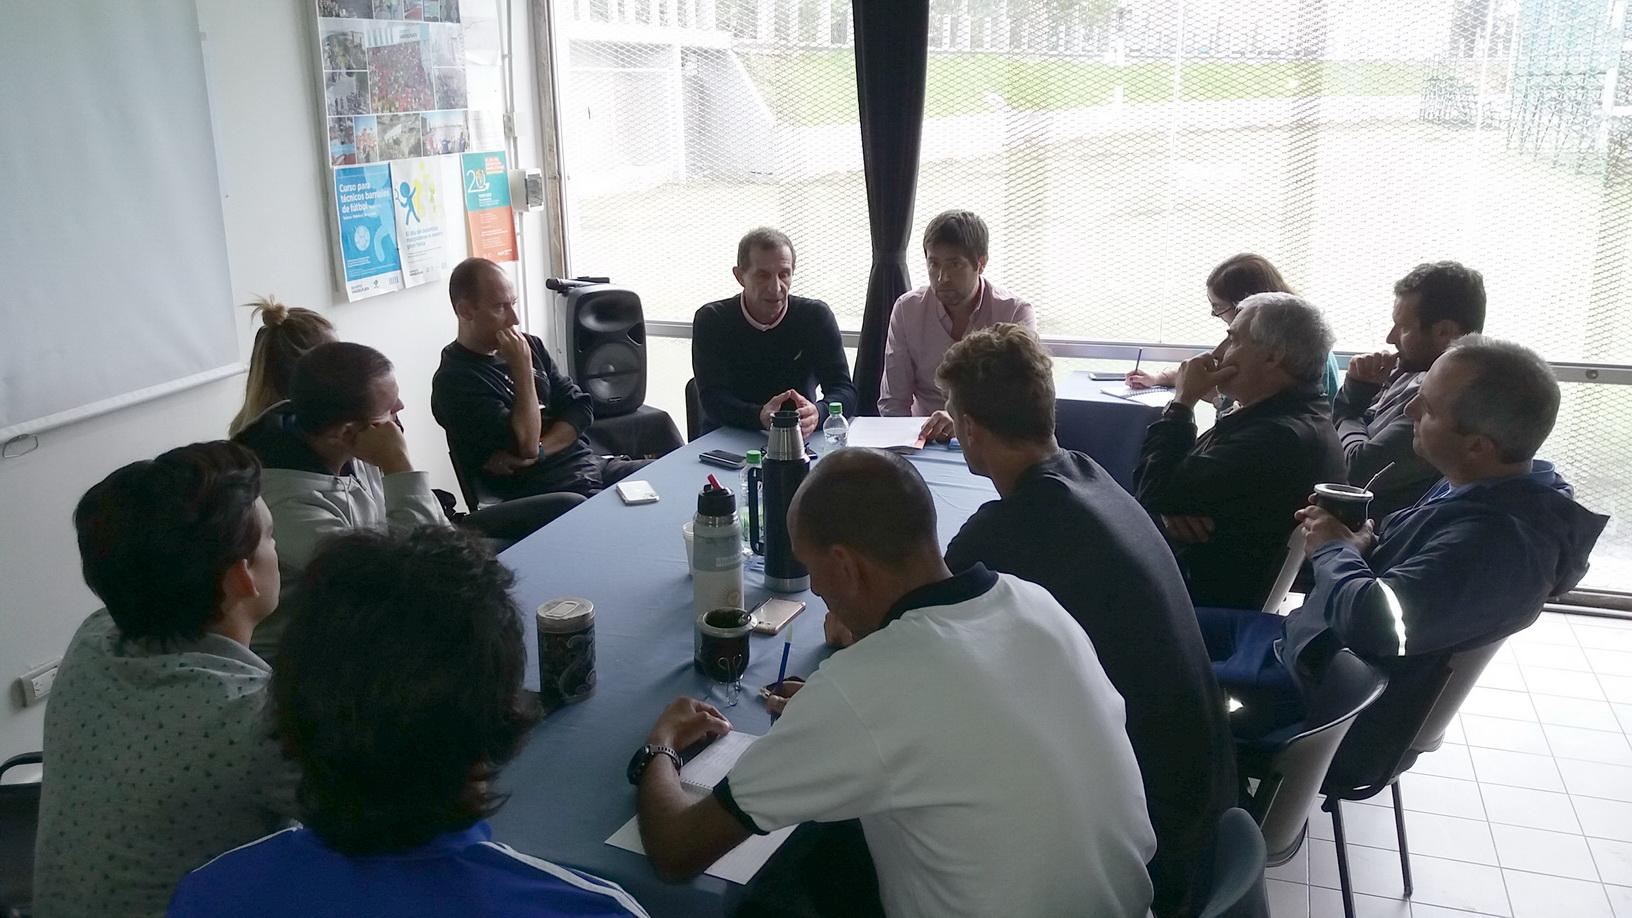 Grupos de entrenamiento fueron interiorizados sobre el Maratón de Mar del Plata